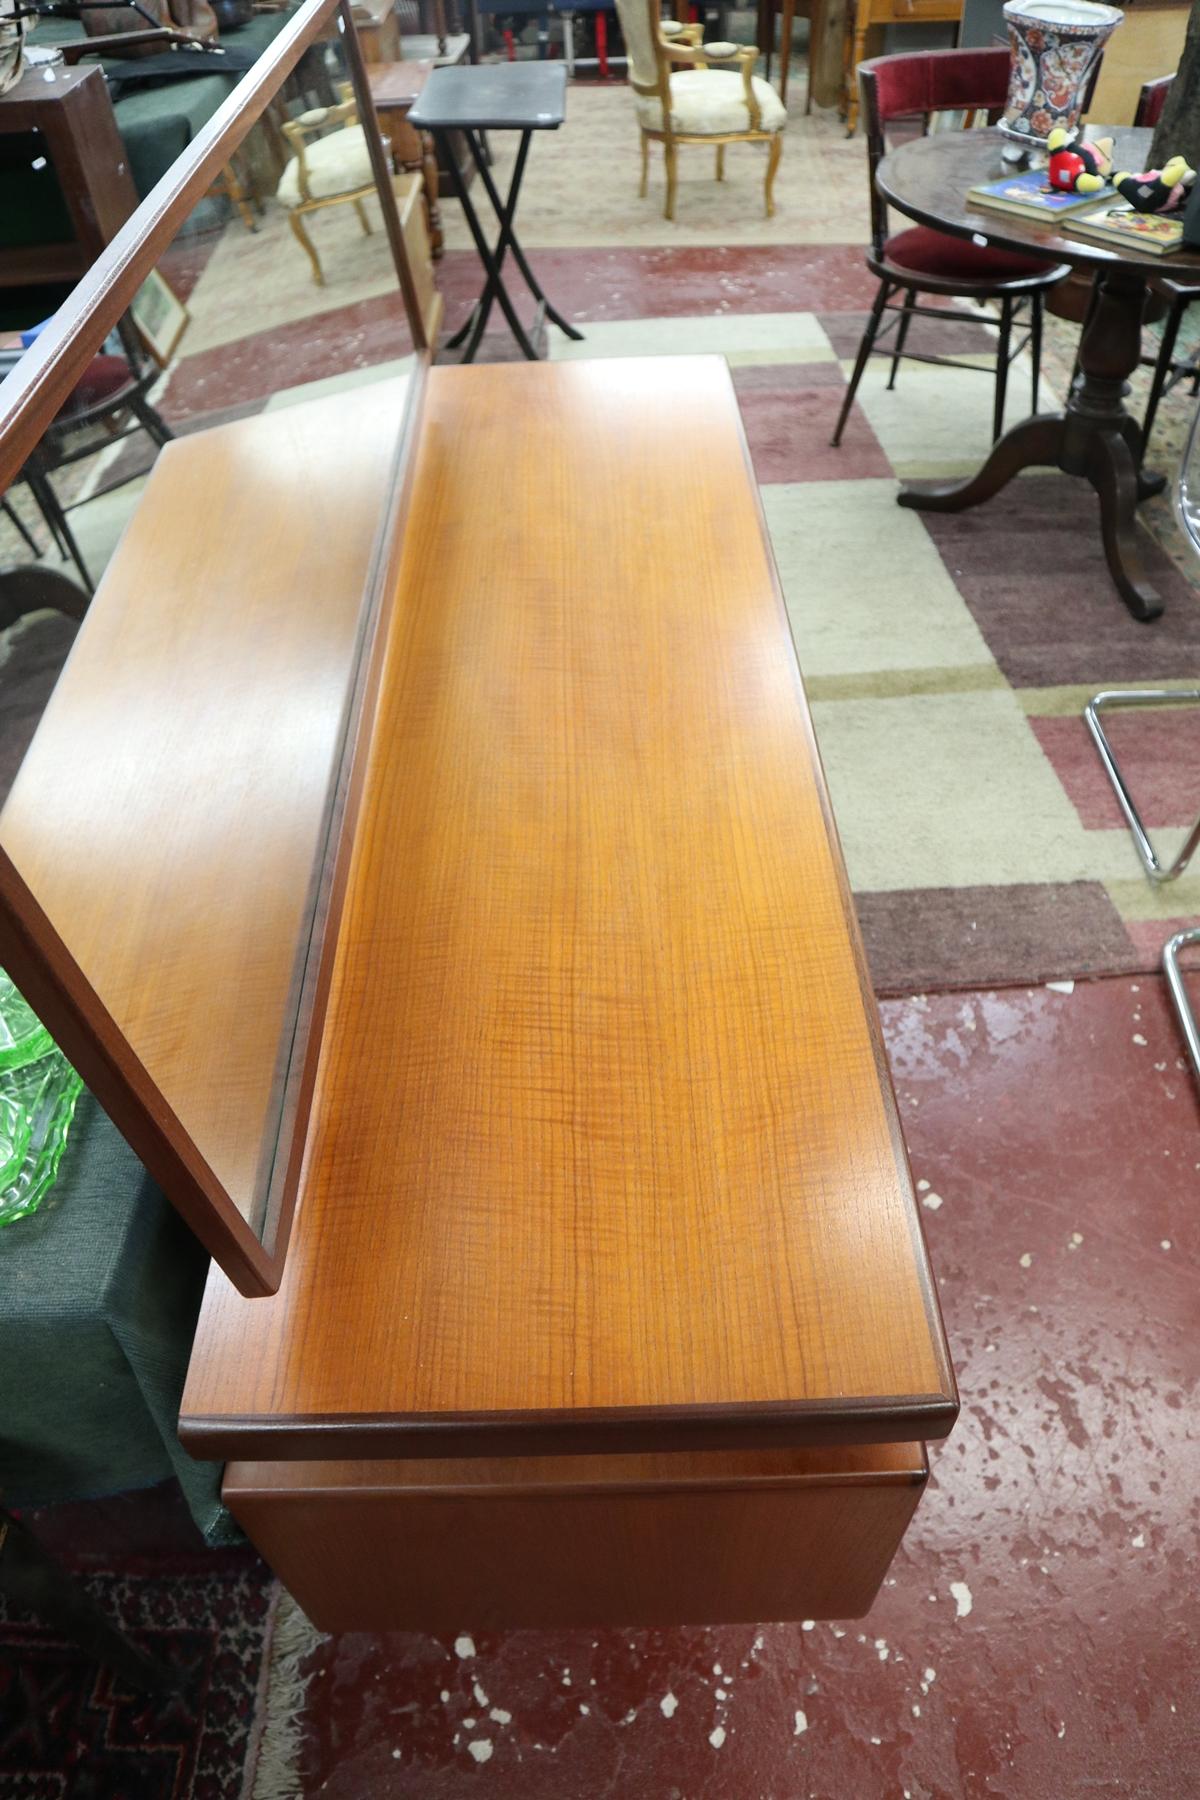 Time warp G-Plan dressing table with original G-Plan label in drawer - Image 3 of 8